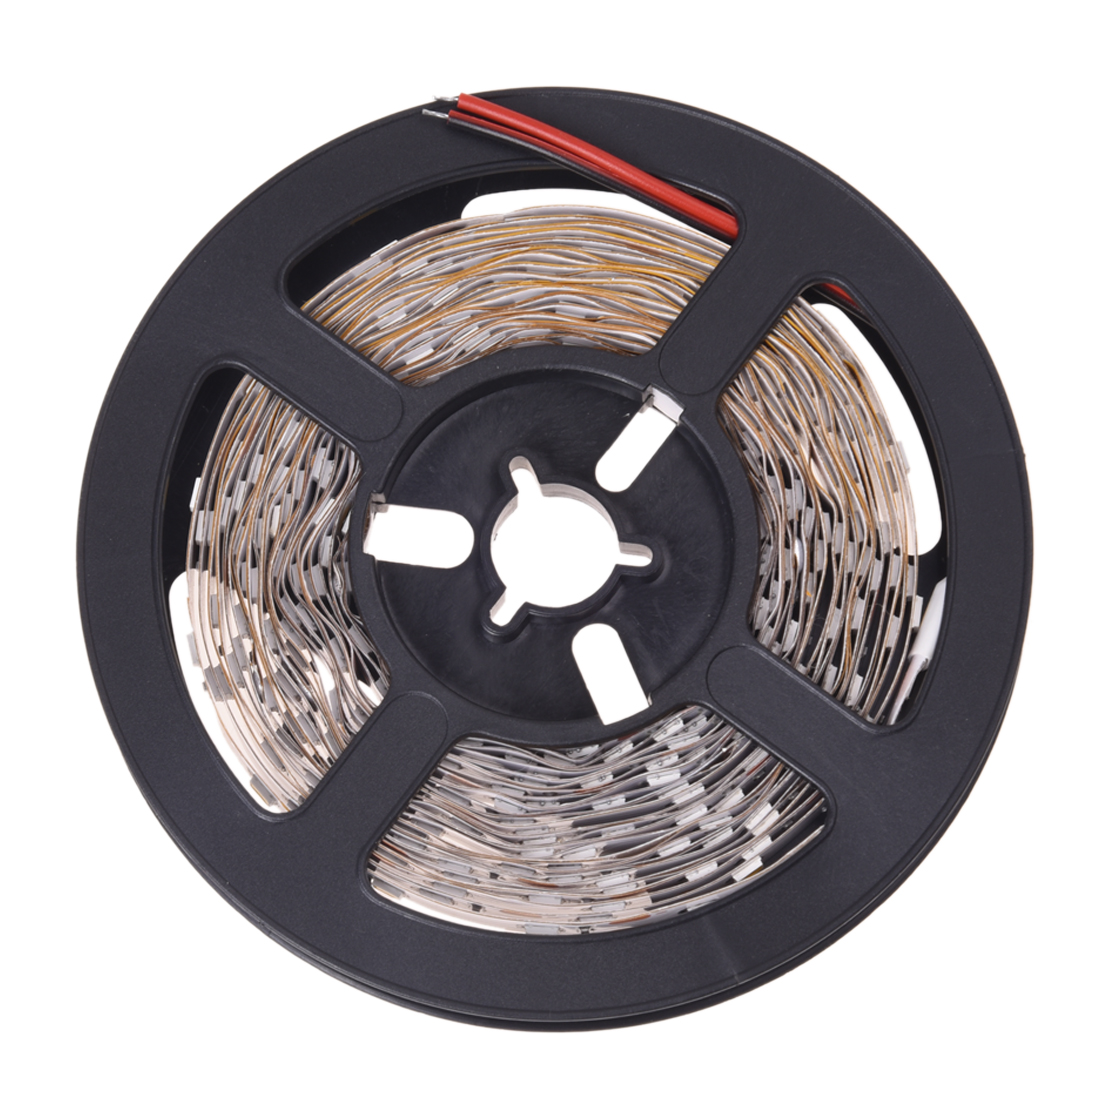 Not Waterproof Flexible Led Strip Light 300 LEDs 3528 SMD Warm White 3100K LED Light Ribbon 5Meter 12V 24W Home Bar Car Led Tape